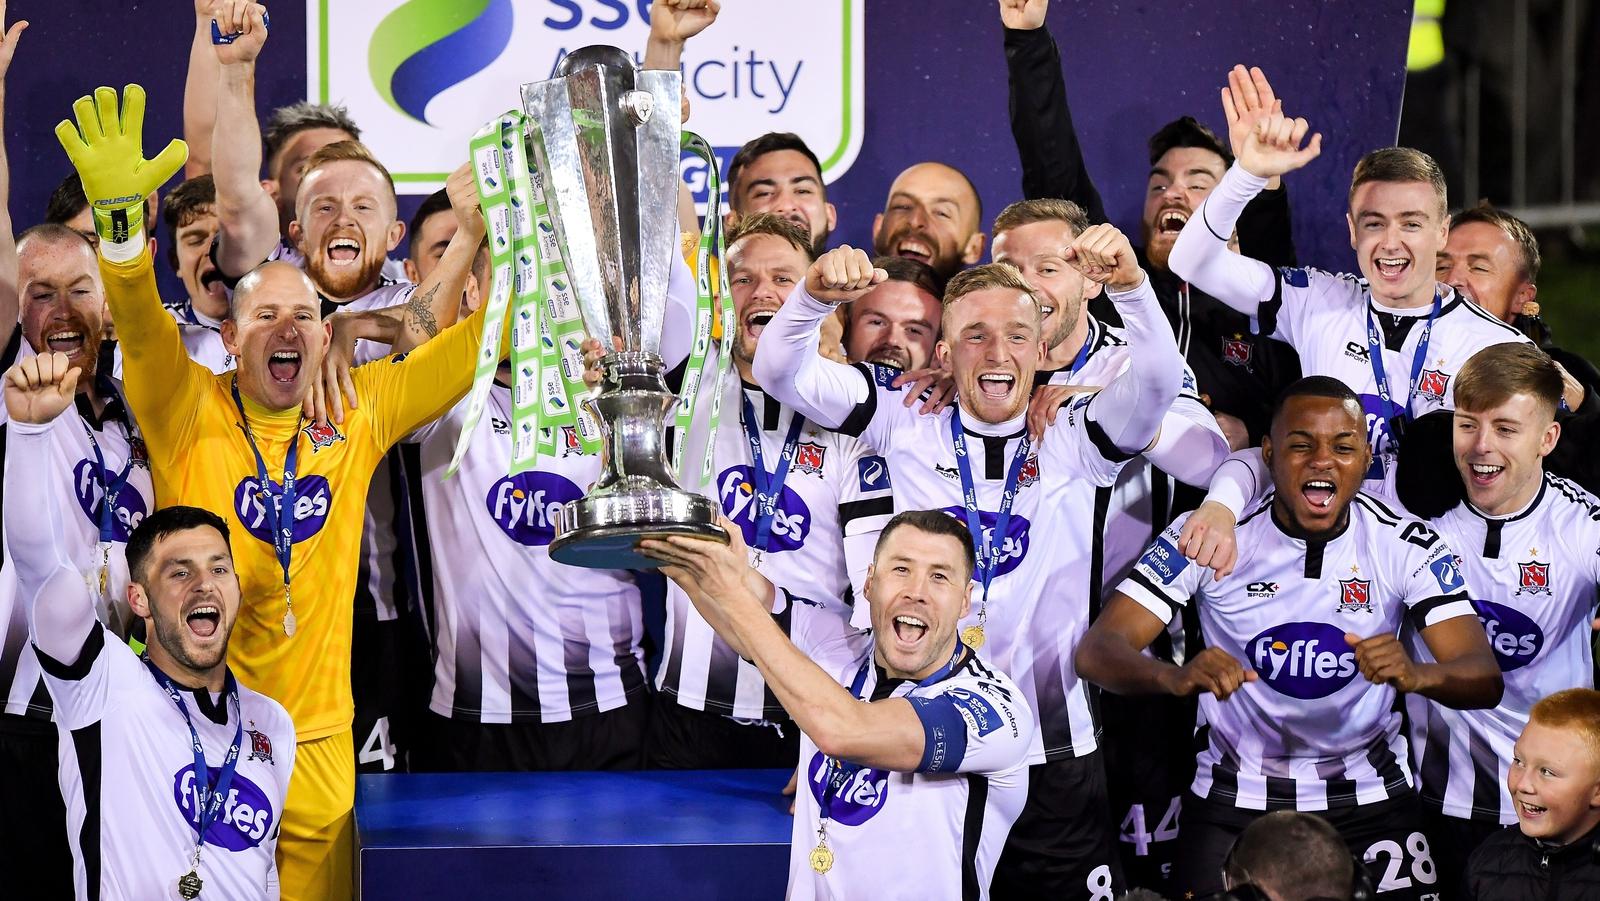 News - Dundalk Football Club